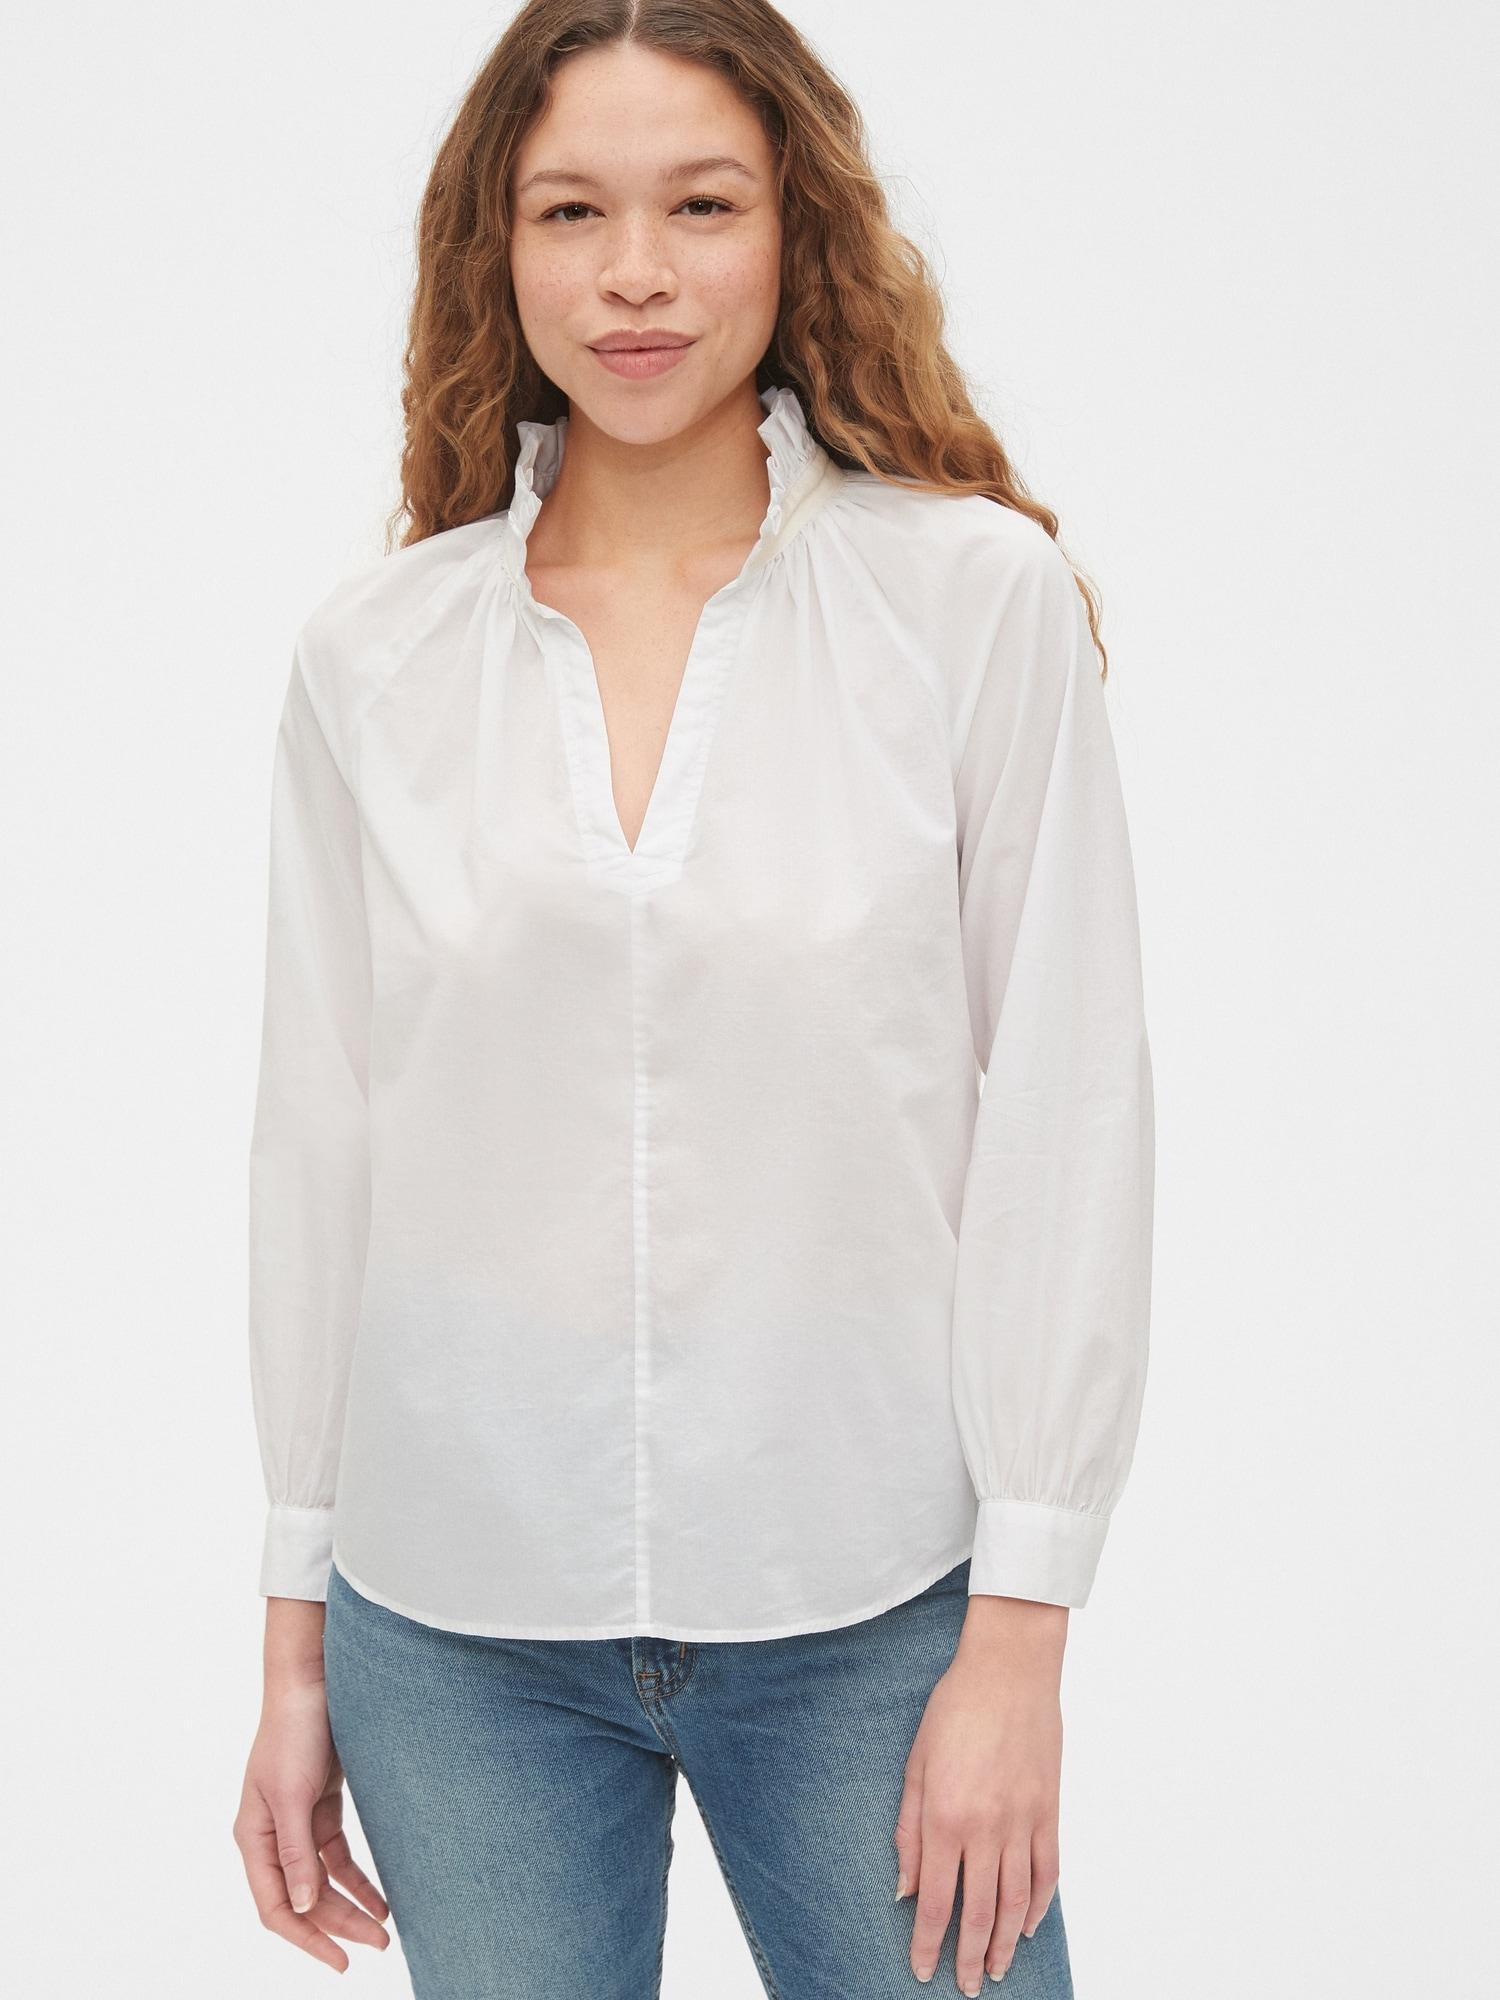 テンセル™ ラッフルポップオーバーシャツ